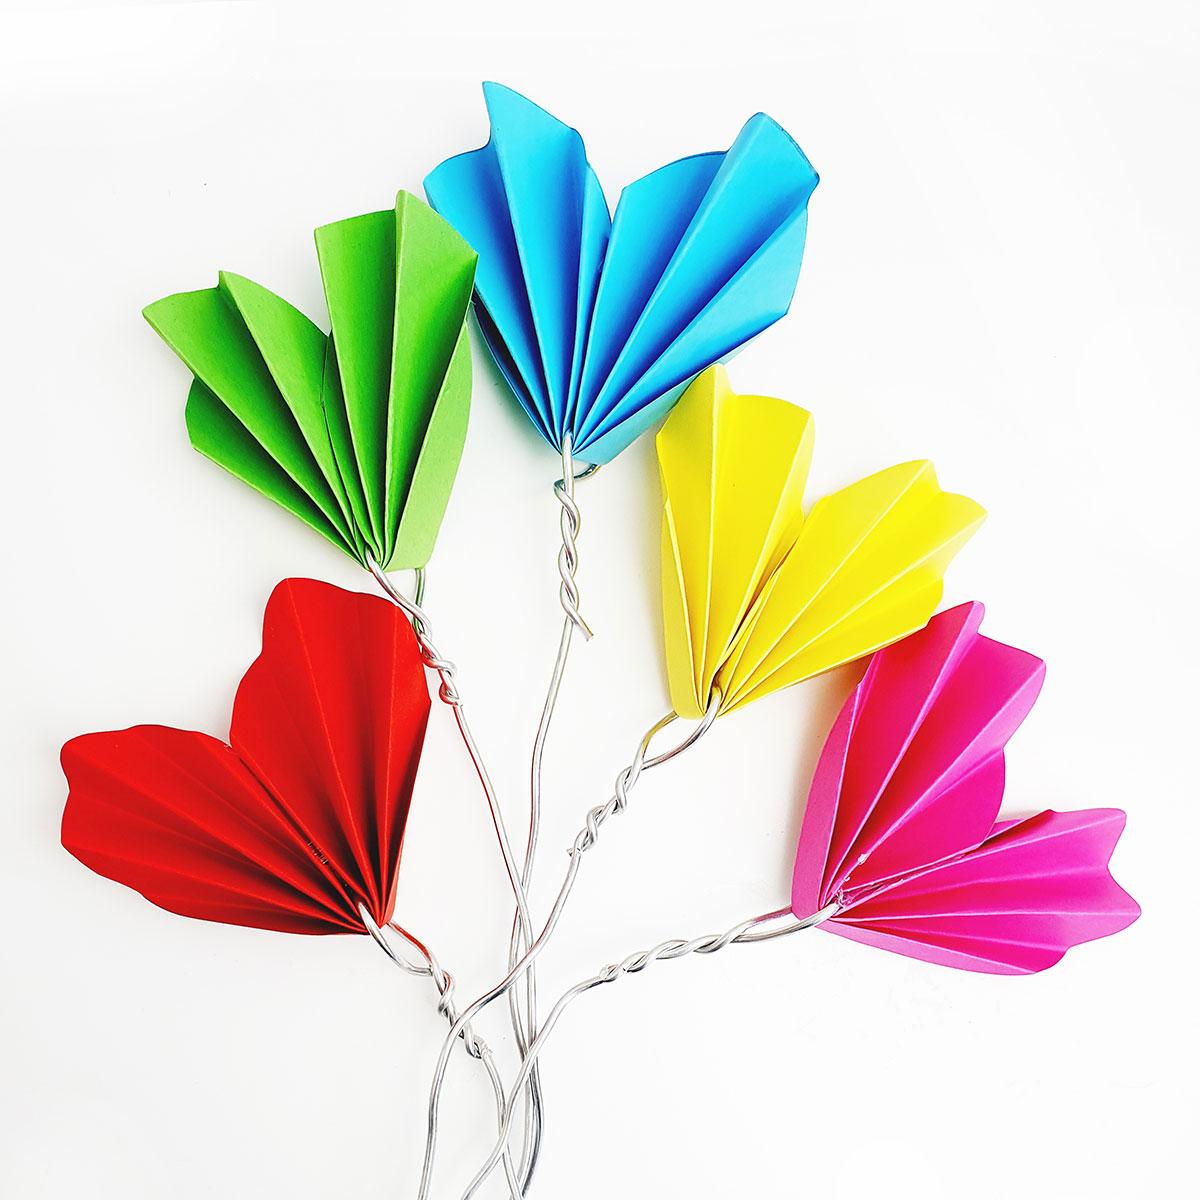 Herz-liche Blumengrüße aus Tonpapier